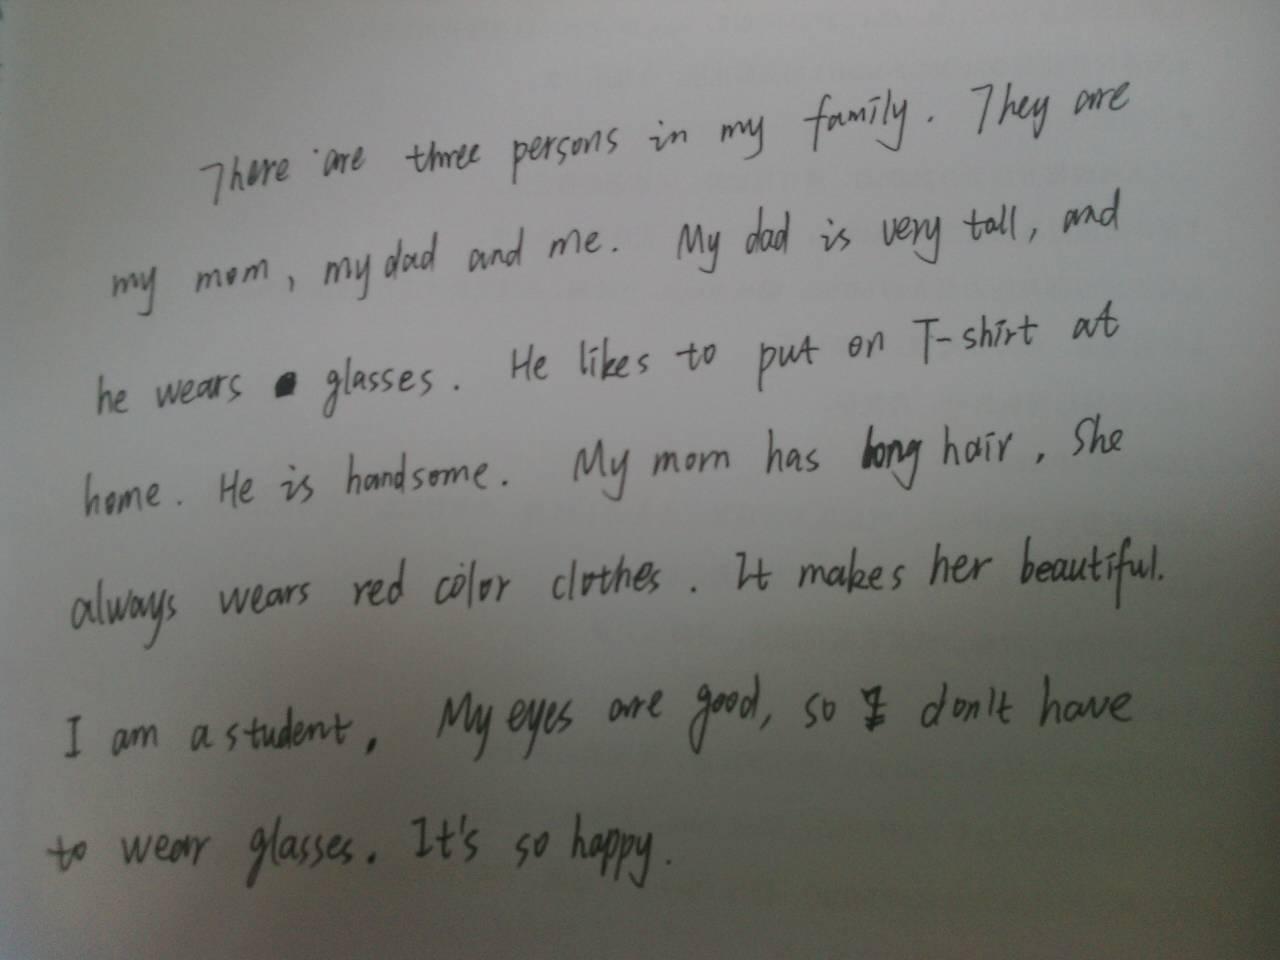 英语作文my family 着重描写外貌图片